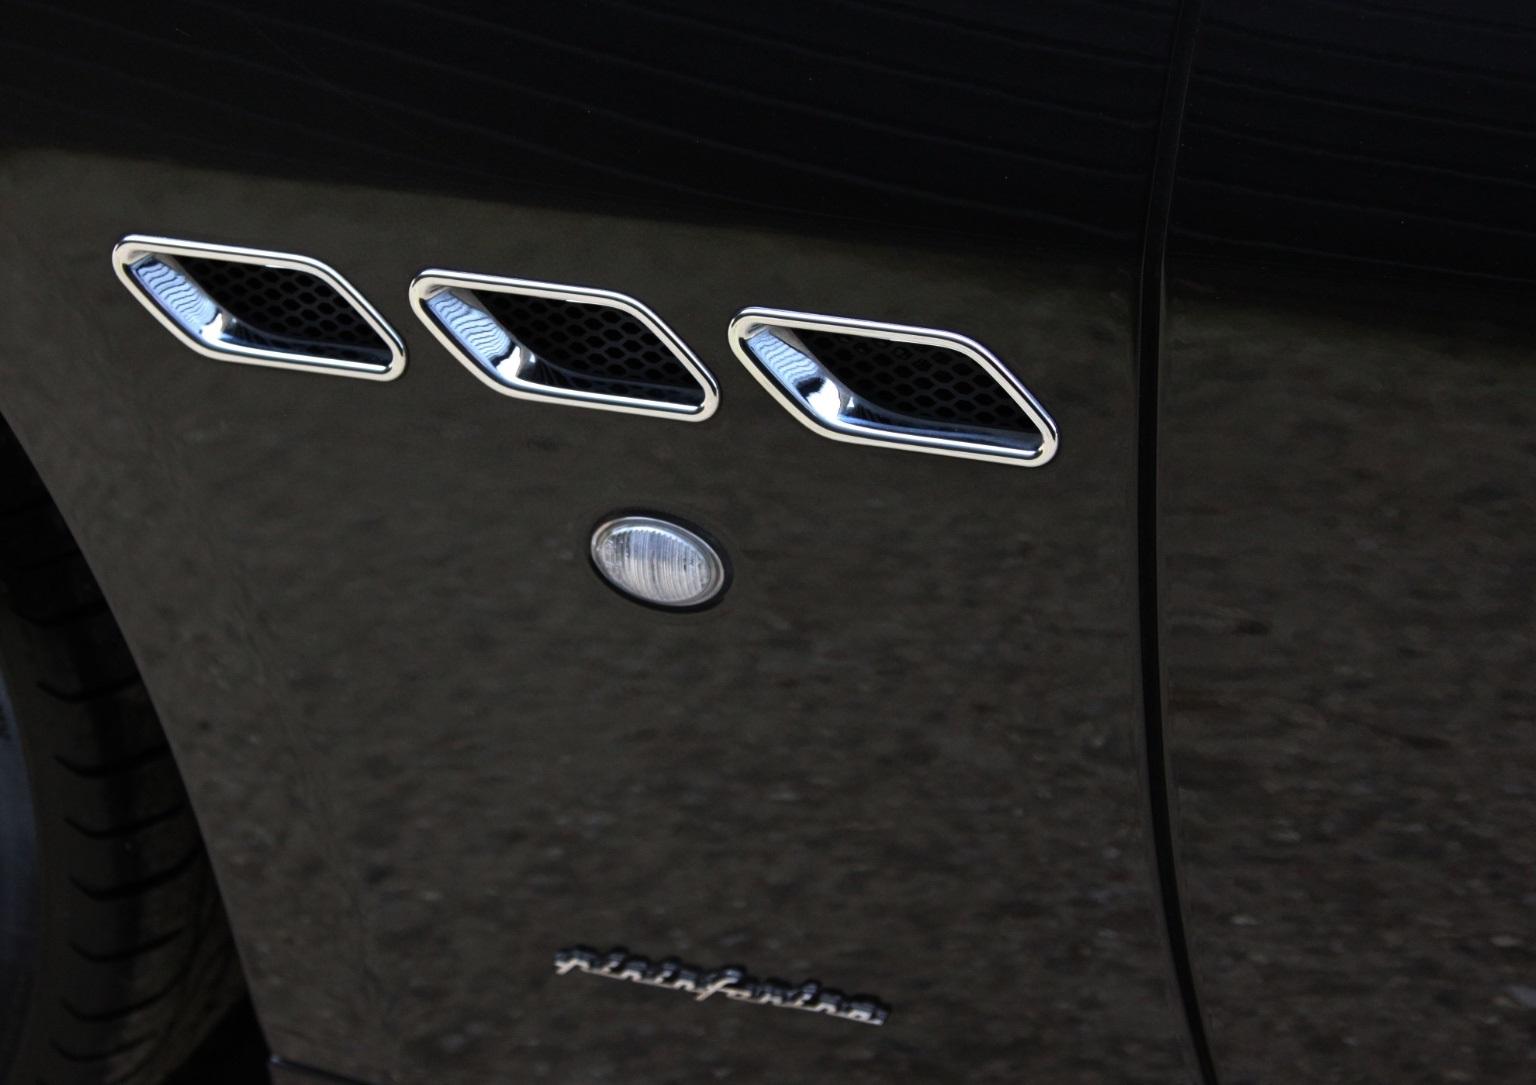 Maserati Grancabrio  Sport - 1 OWNER - 15,000 Miles - Image 28